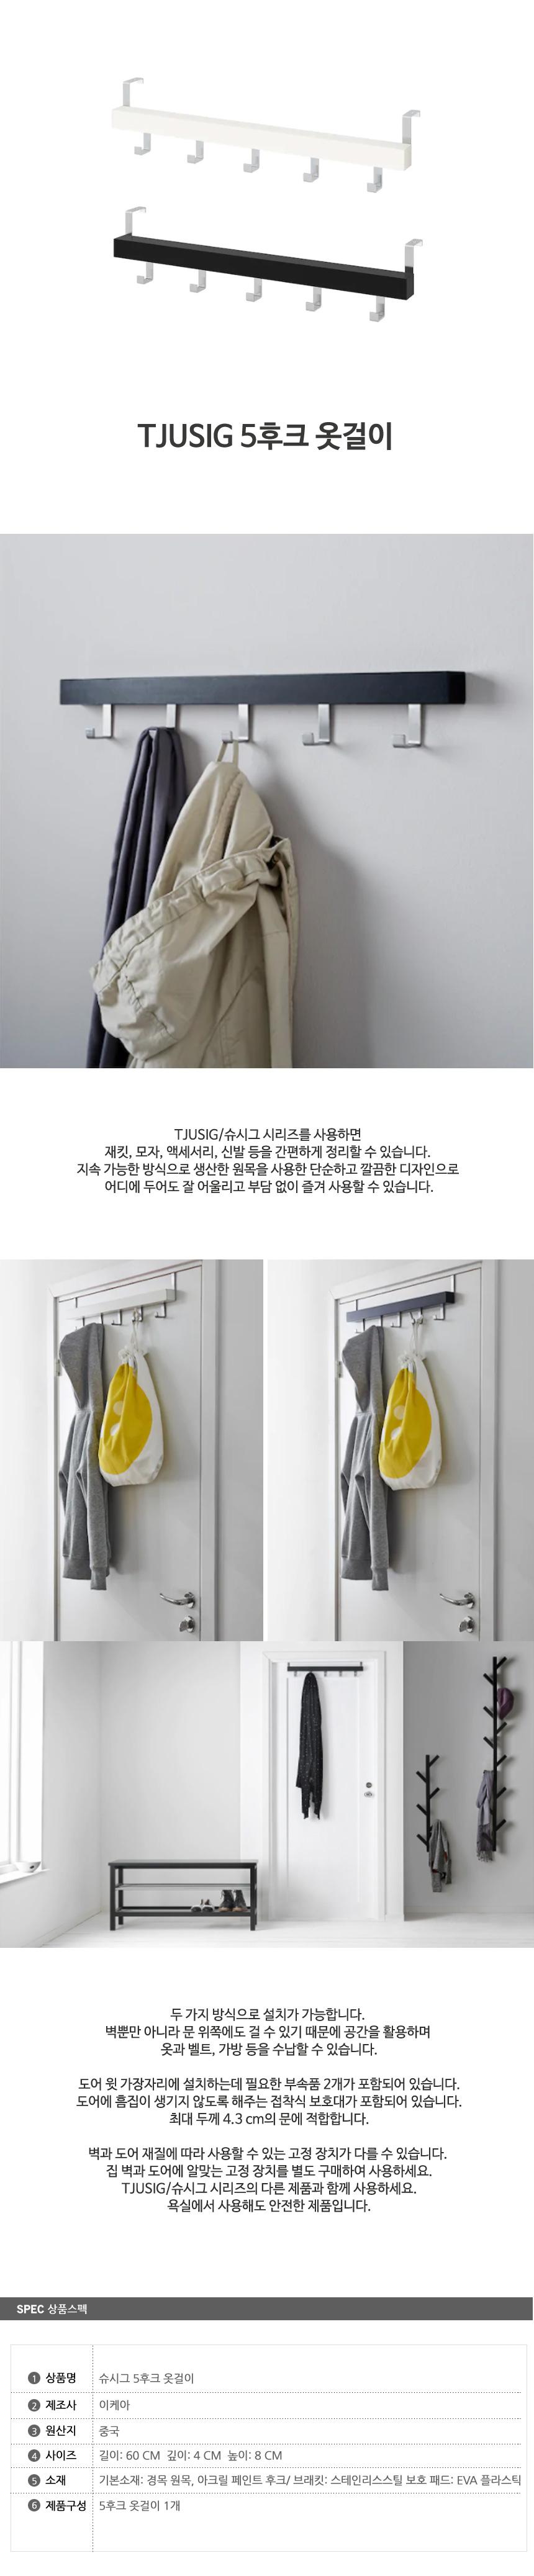 TJUSIG 5후크 옷걸이 - 이케아, 19,900원, 행거/드레스룸/옷걸이, 다용도훅/홀더랙